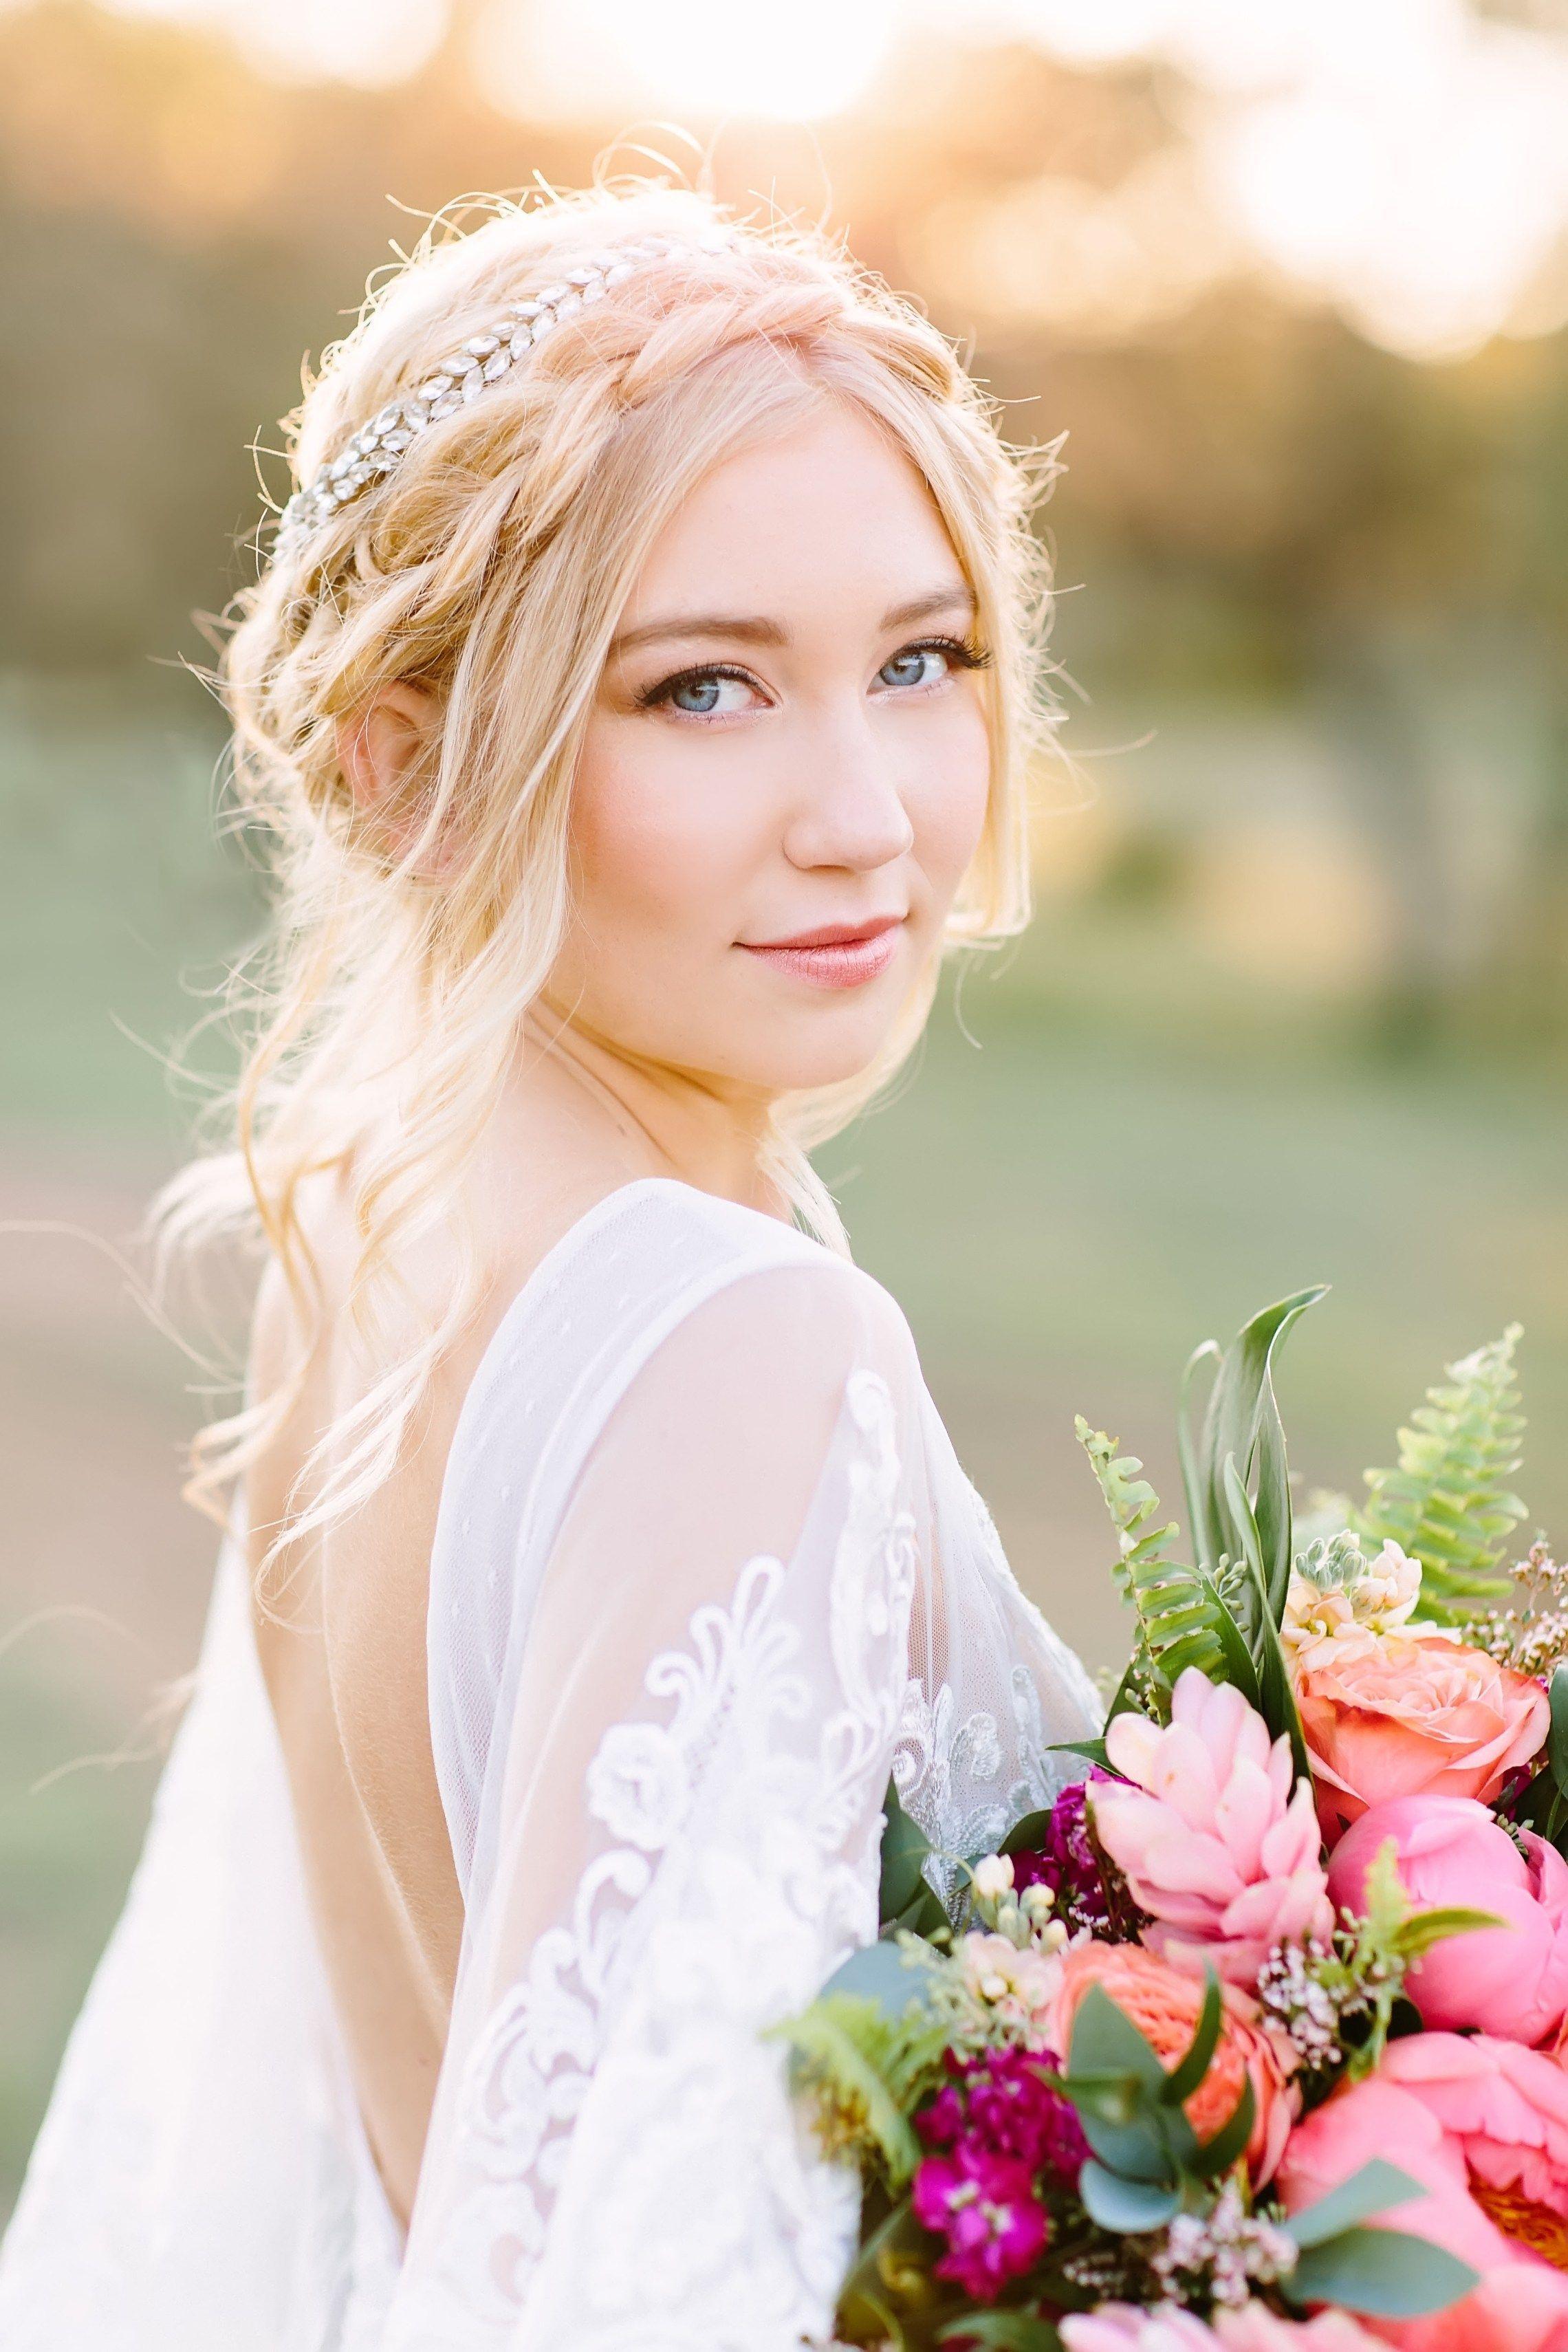 austin wedding makeup, makeup artist, bridal makeup, boho